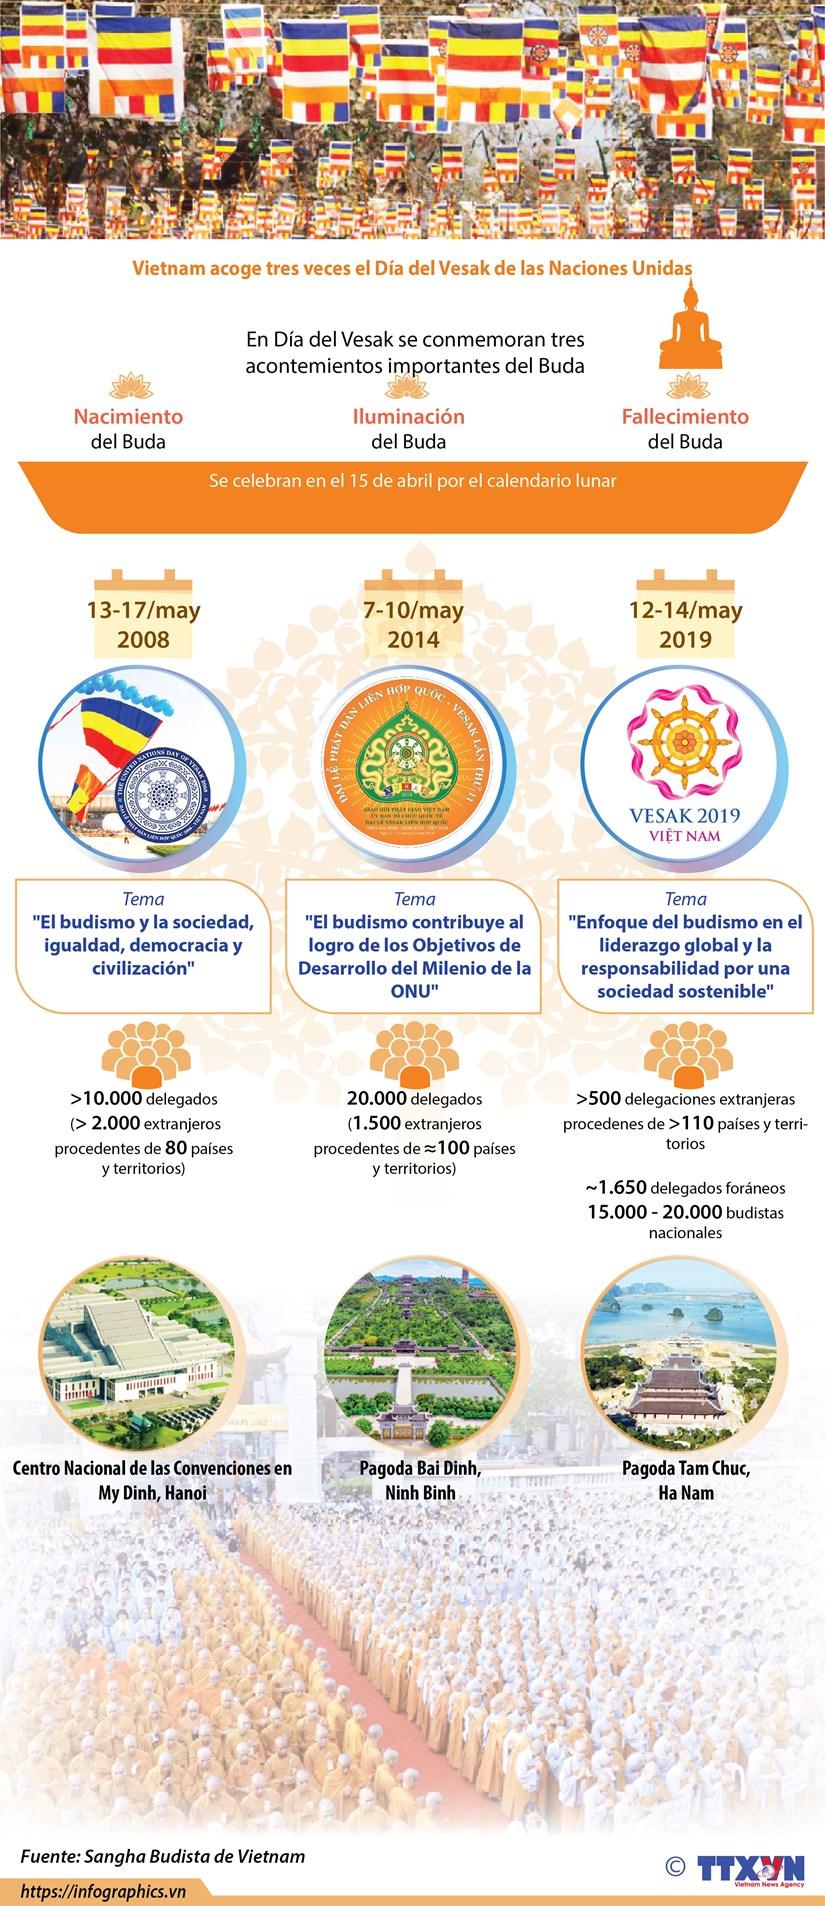 [Info] Vietnam acoge tres veces el Dia del Vesak de las Naciones Unidas hinh anh 1